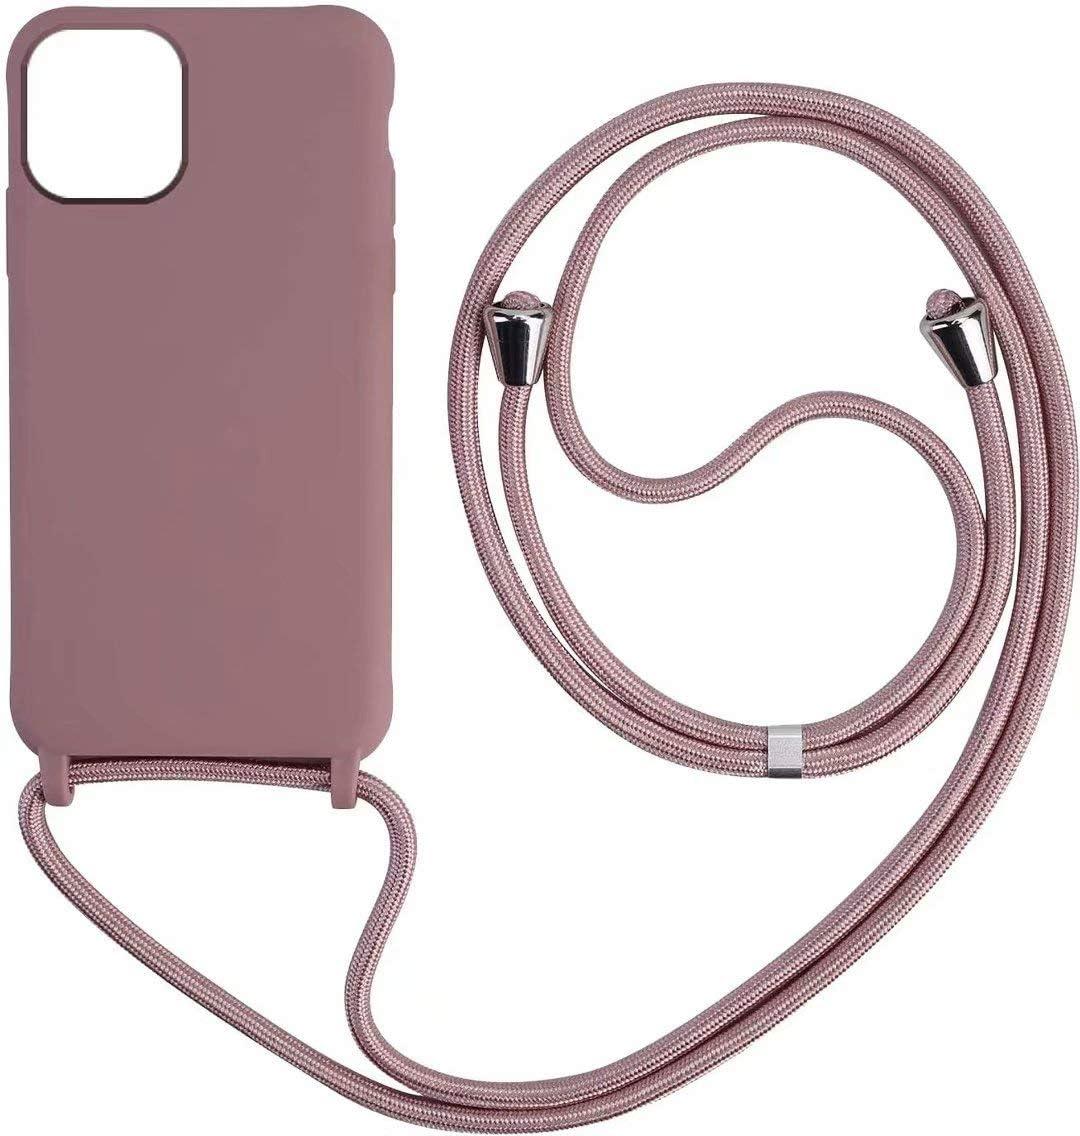 1stfeel Compatible avec iPhone 11 Pro 5.8 Coque Ultra Fine Gel de silice TPU Cover Necklace Bandouili/ère Styl/ée /étui de t/él/éphone avec Cordon